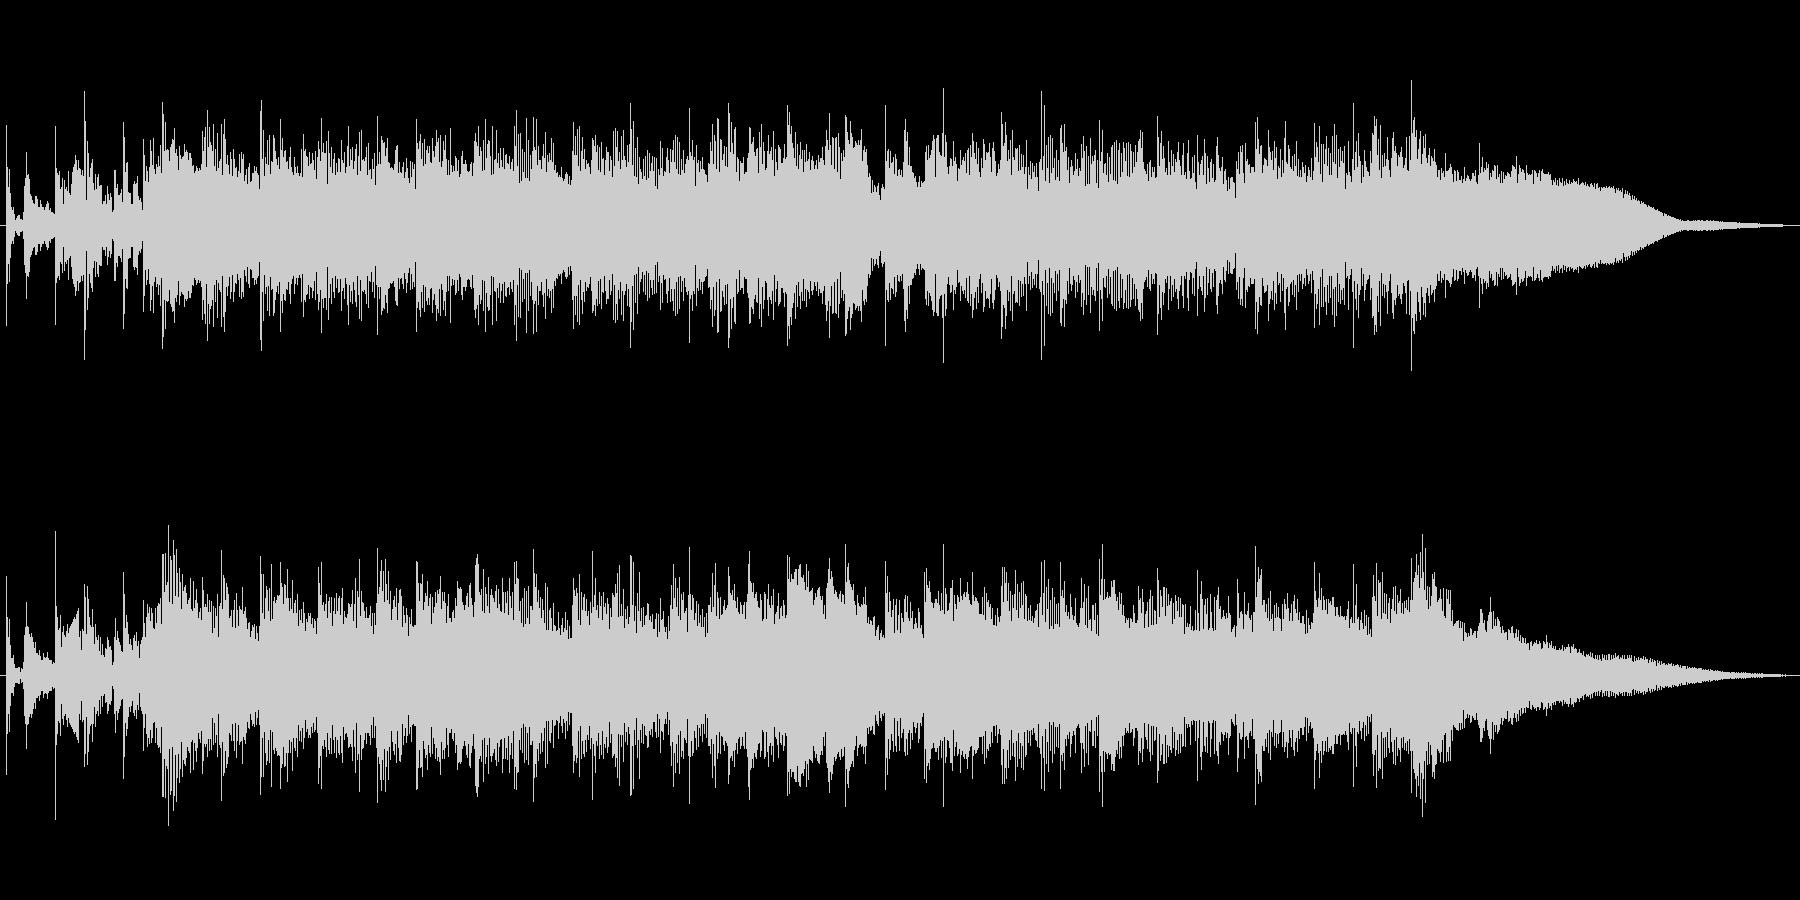 オープニング用ポップス音源の未再生の波形